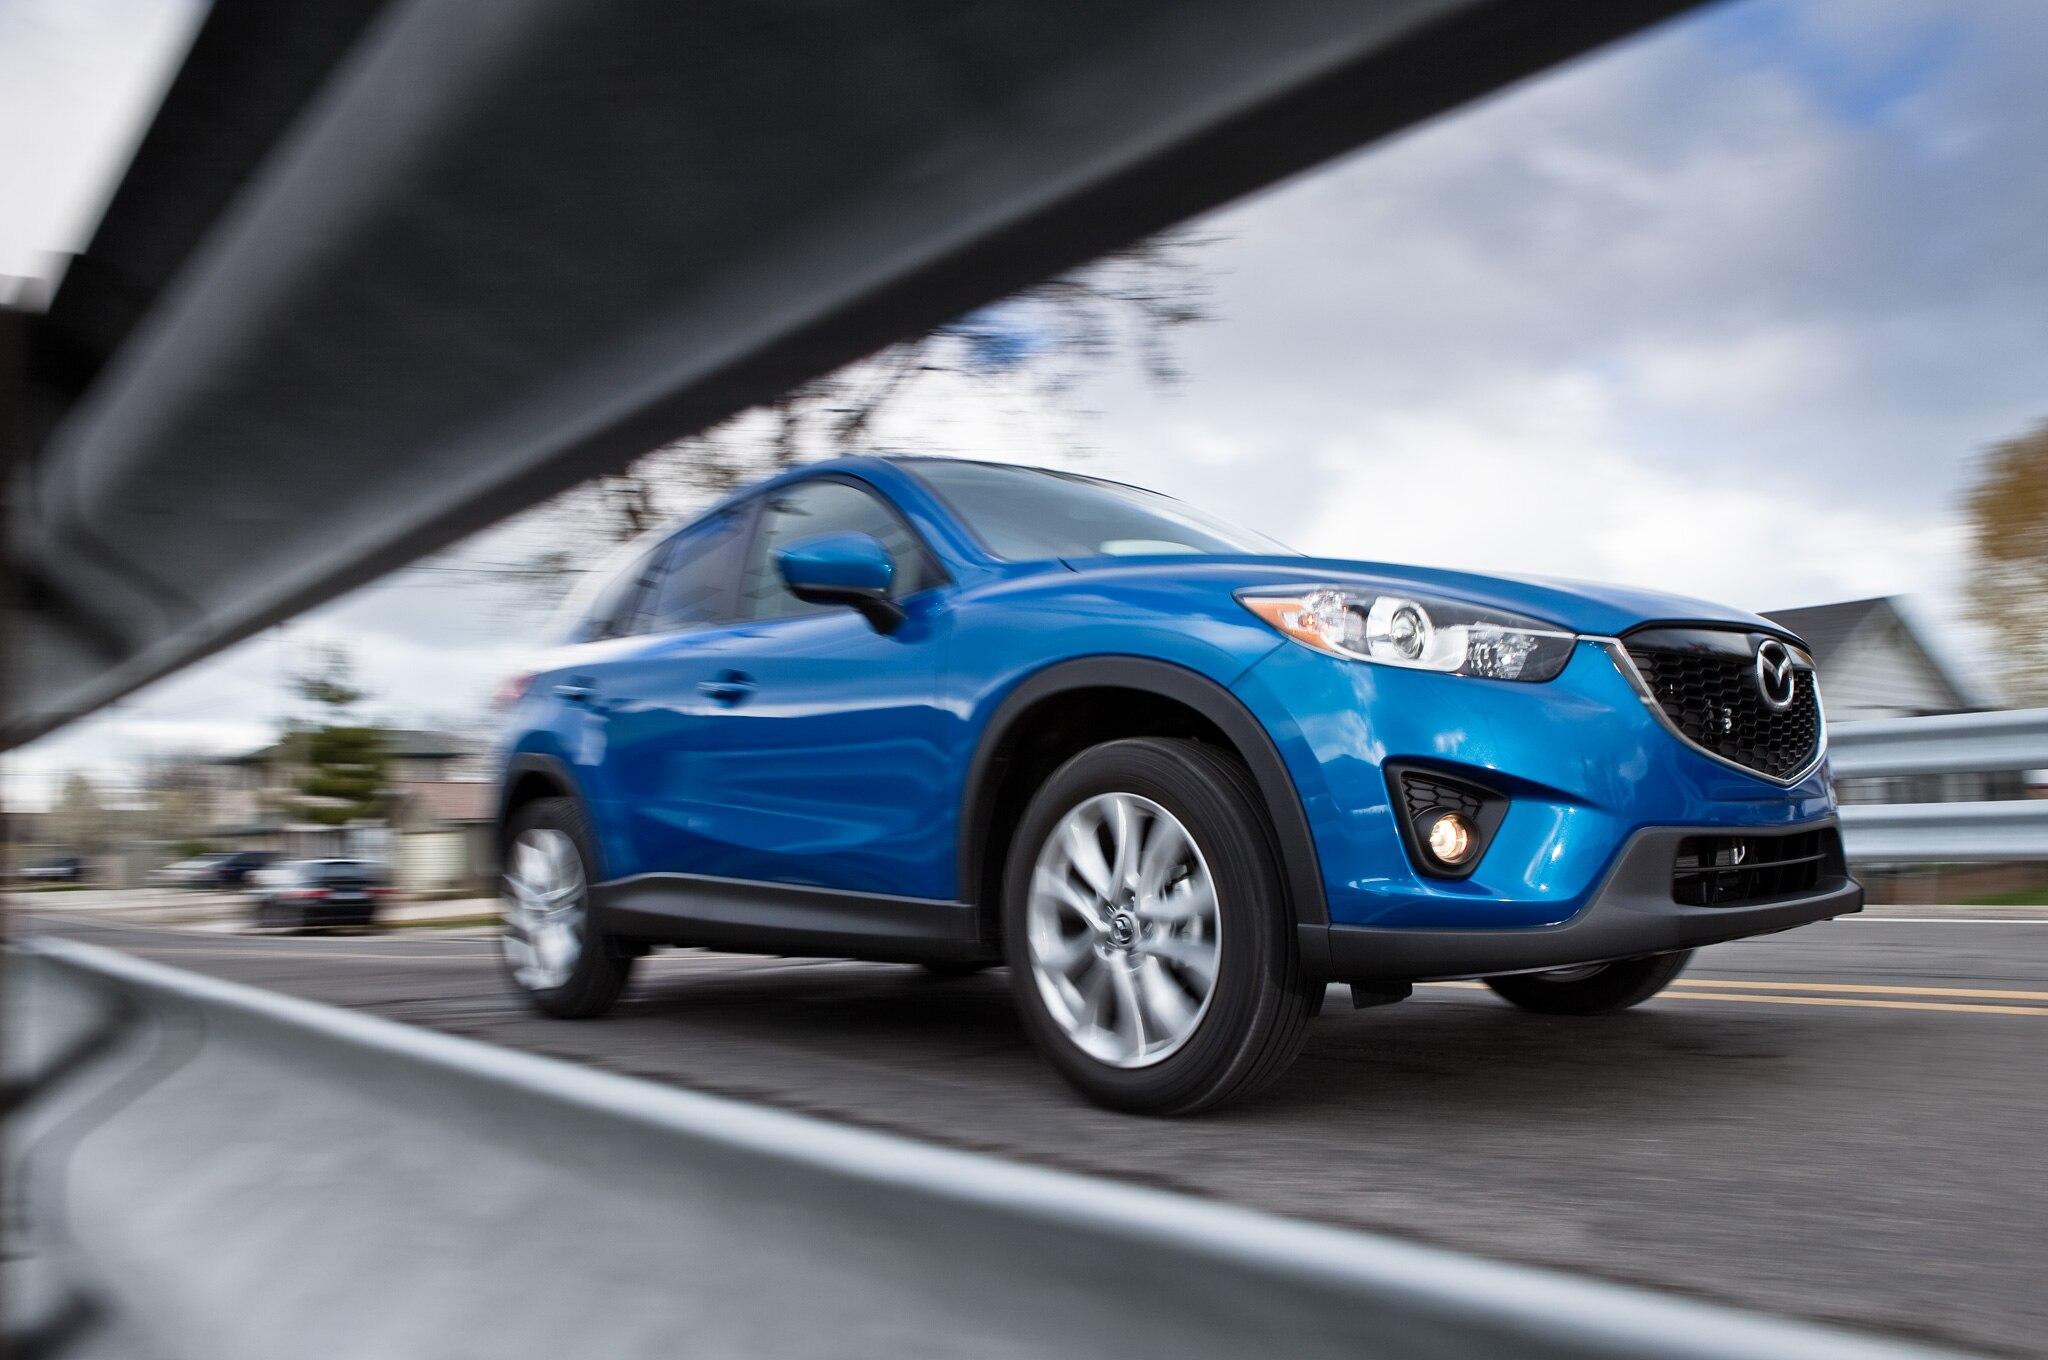 2013 Mazda Cx 5 Grand Touring Four Seasons Wrap Up Automobile Magazine